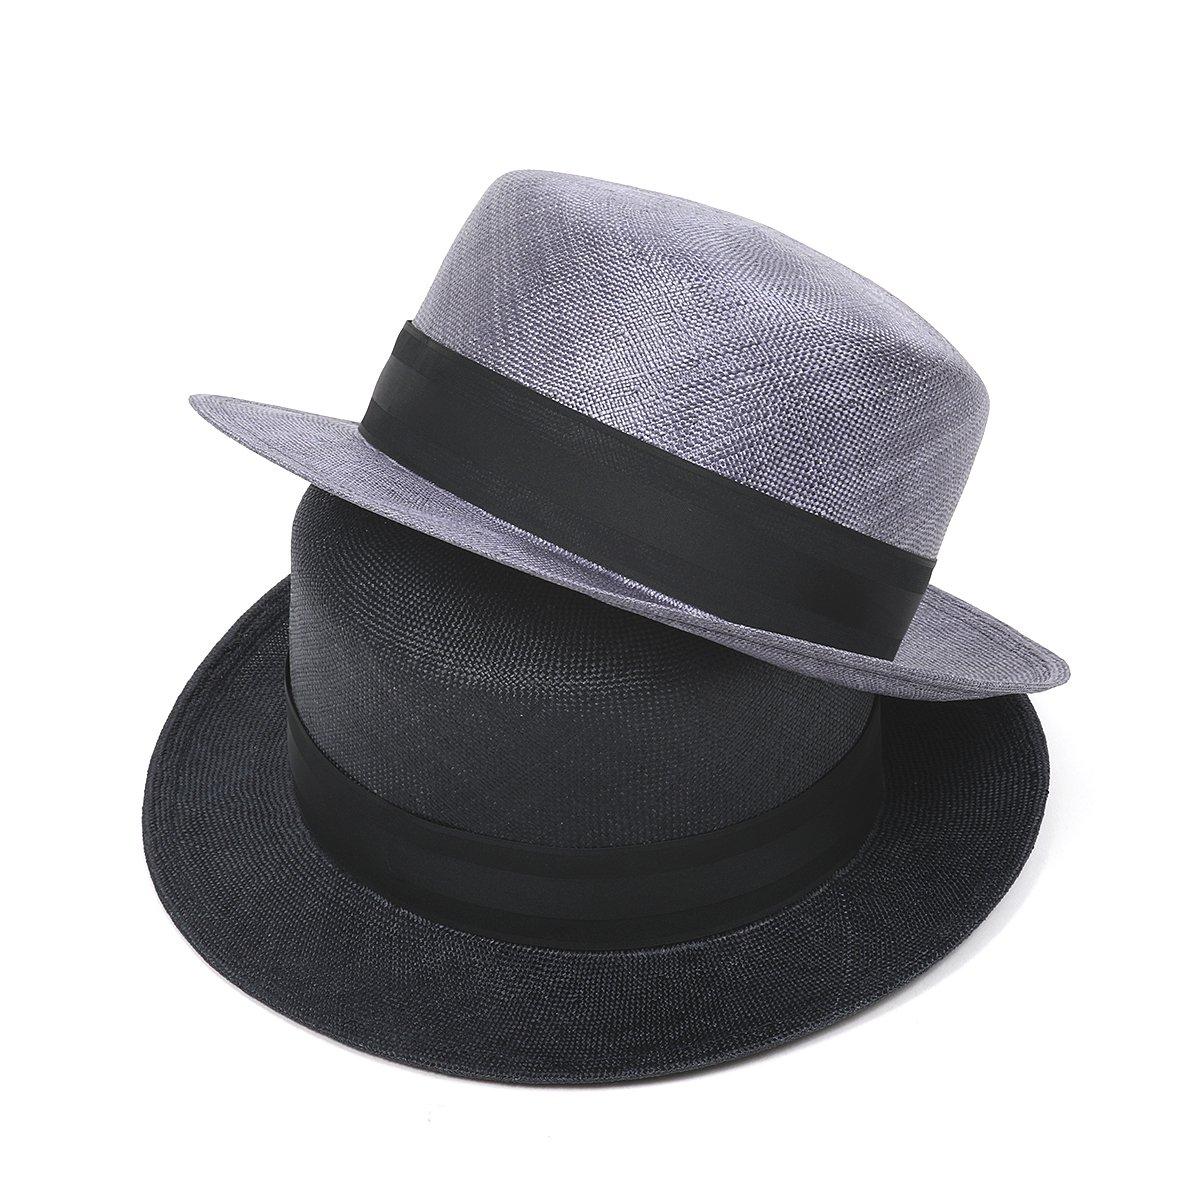 【LADY'S】SISOL PORK PIE HAT 詳細画像8